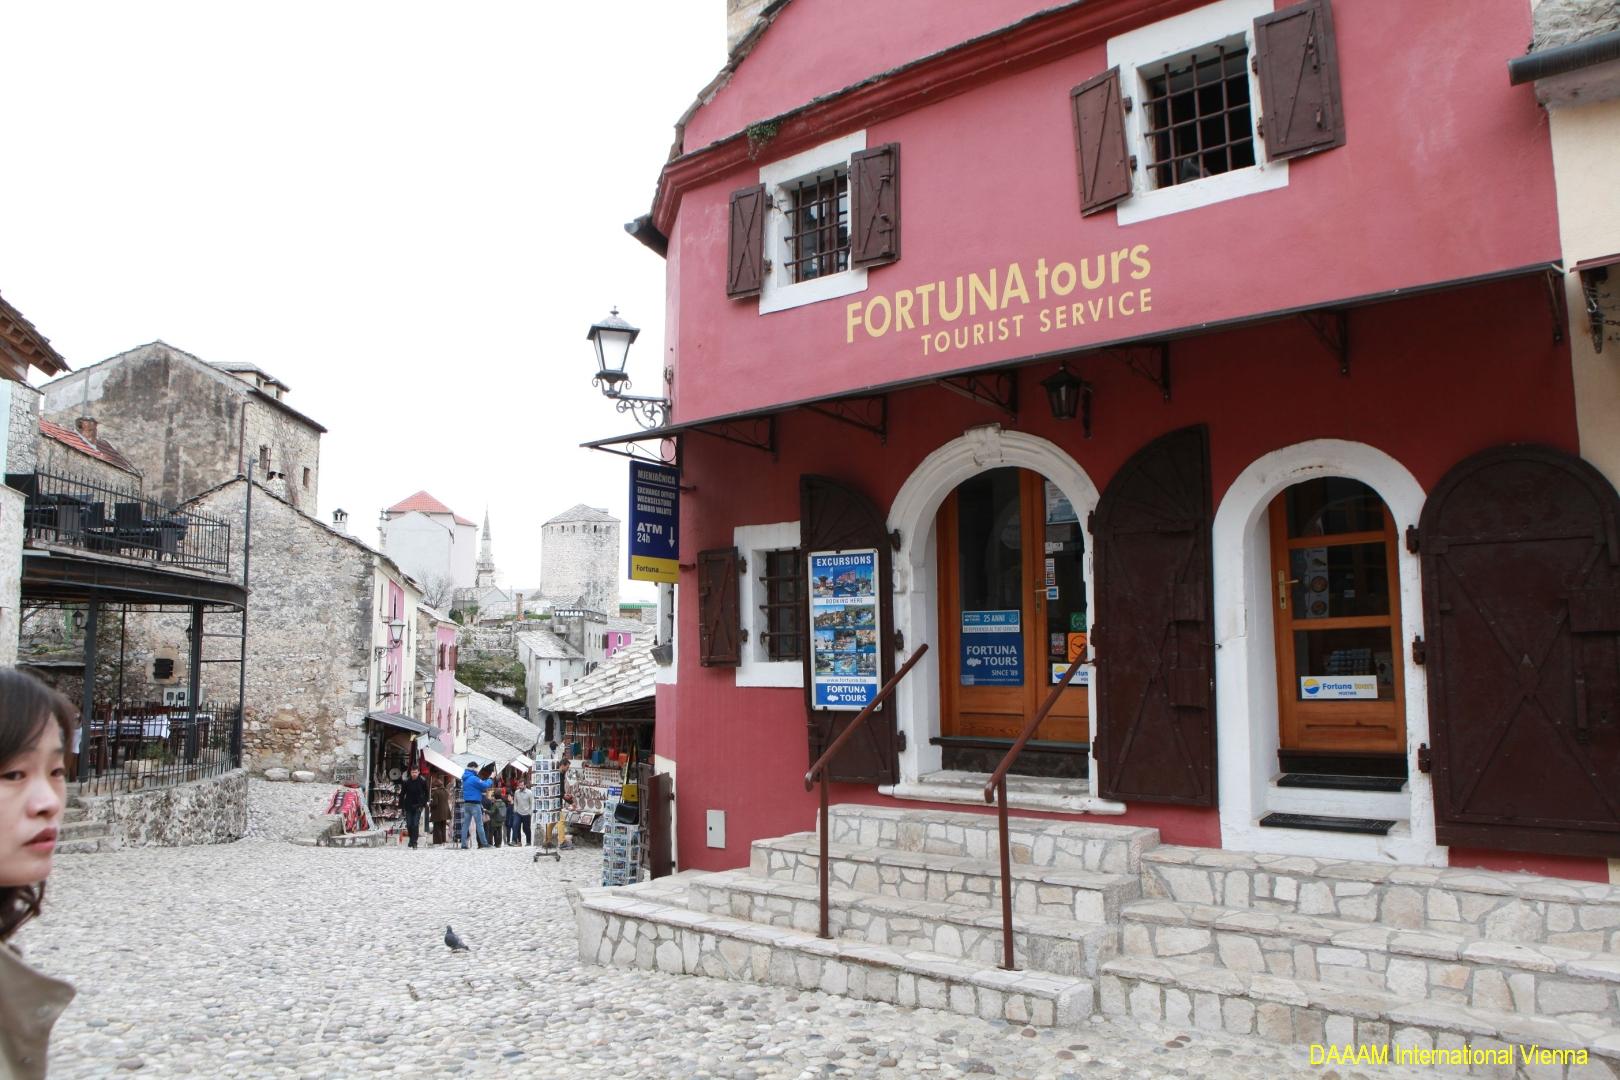 DAAAM_2016_Mostar_01_Magic_City_of_Mostar_107